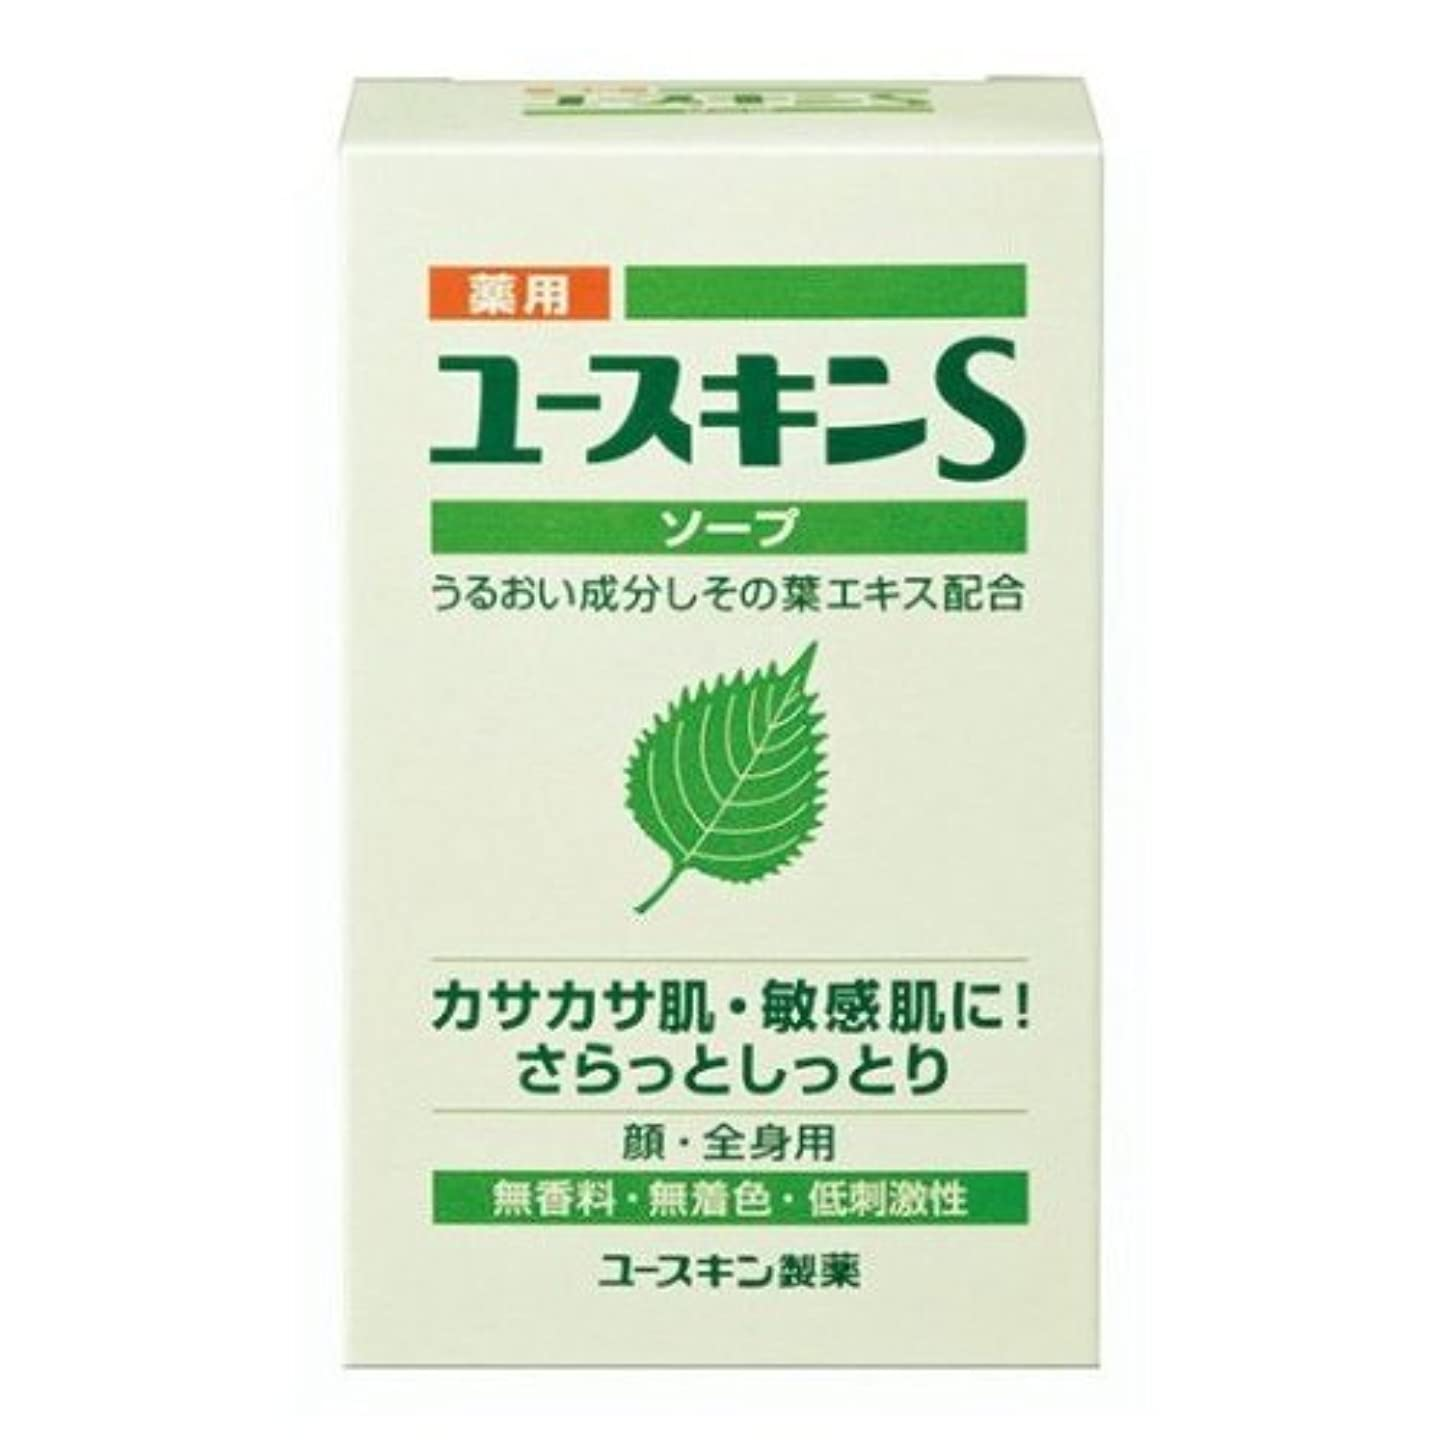 主に最大限アッティカス薬用ユースキンS ソープ 90g (敏感肌用 透明石鹸) 【医薬部外品】